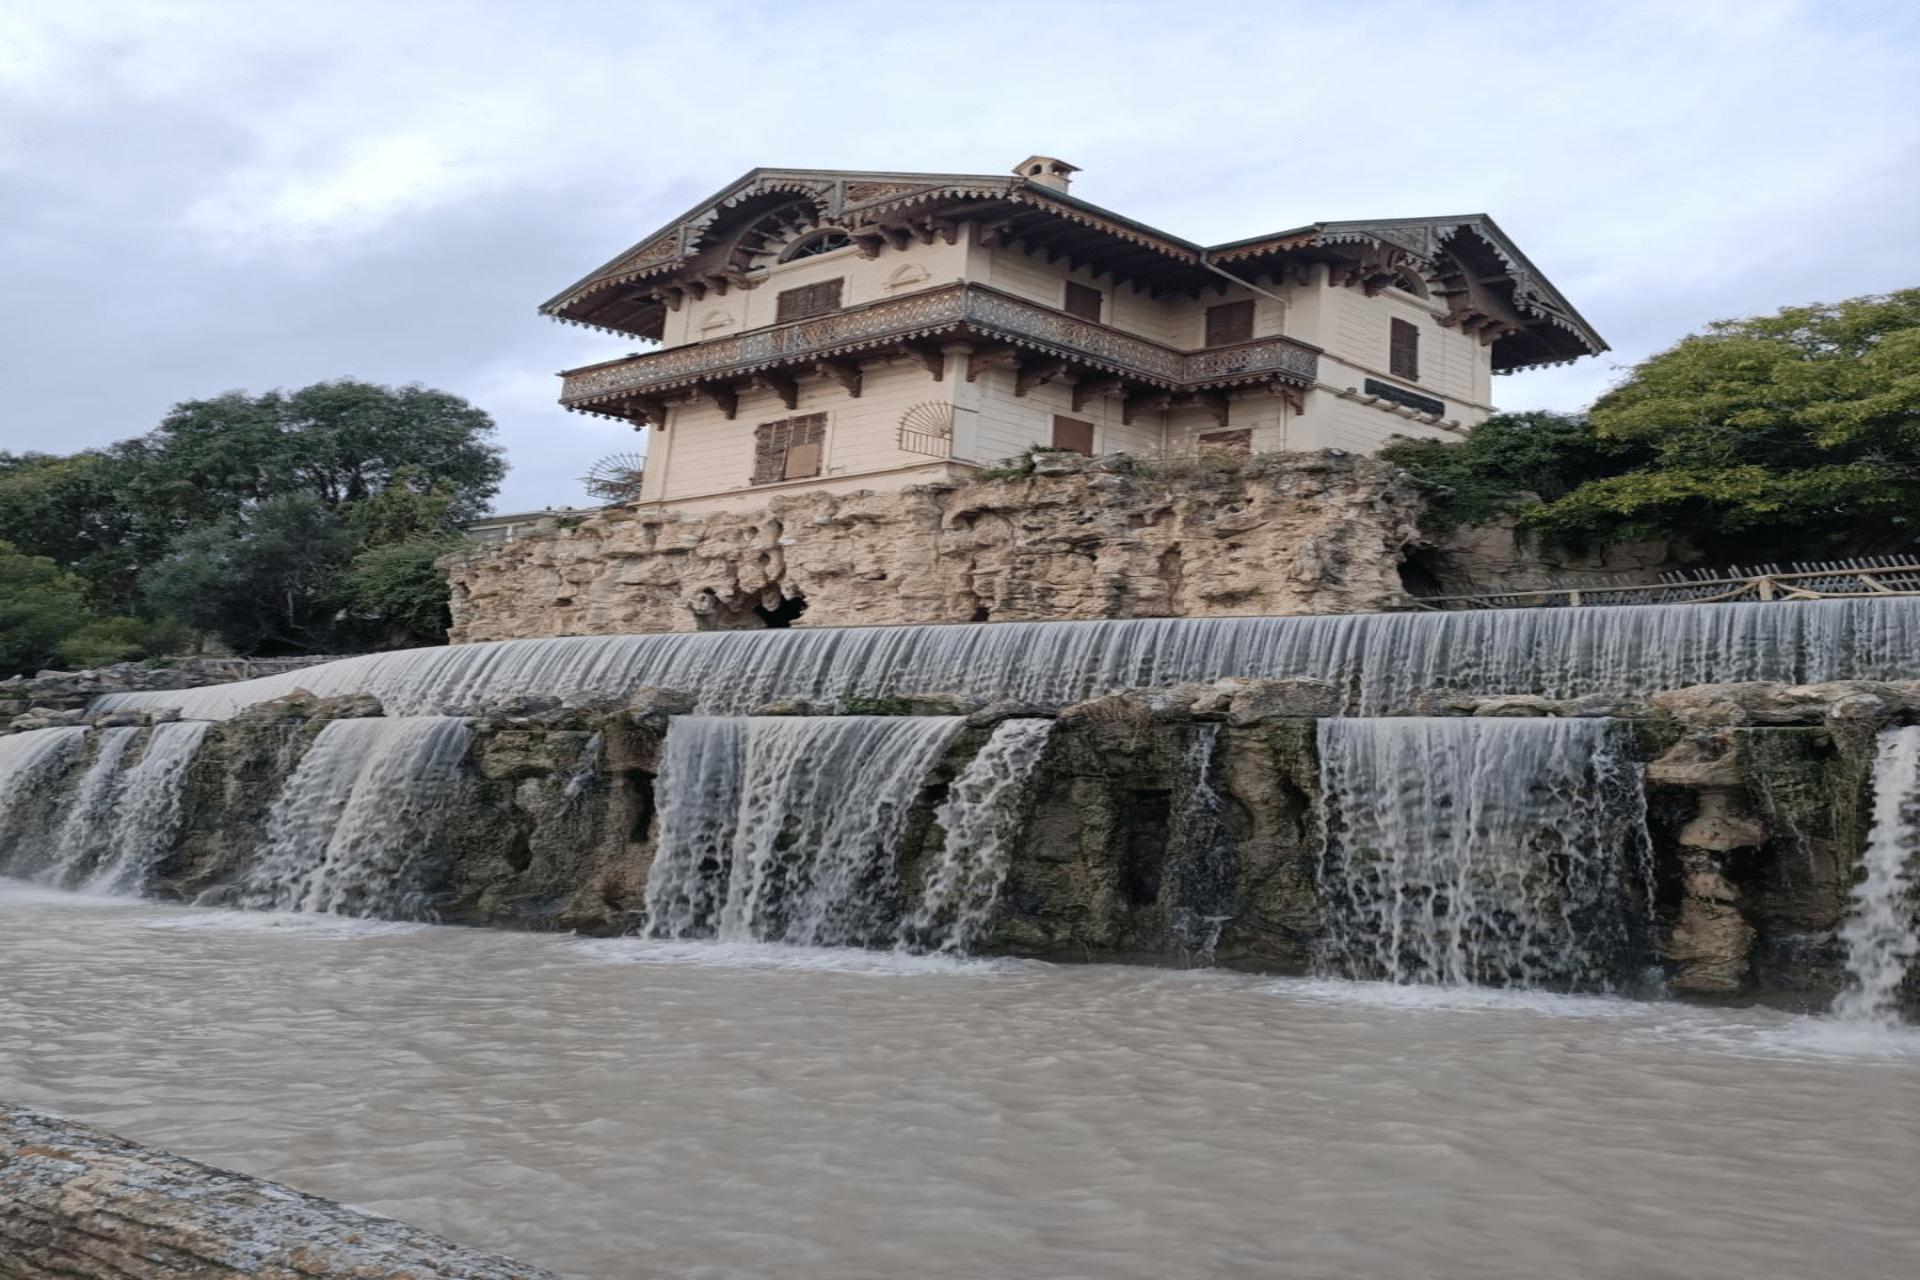 La cascade de Gairaut à Nice traverse les siècles et les temps